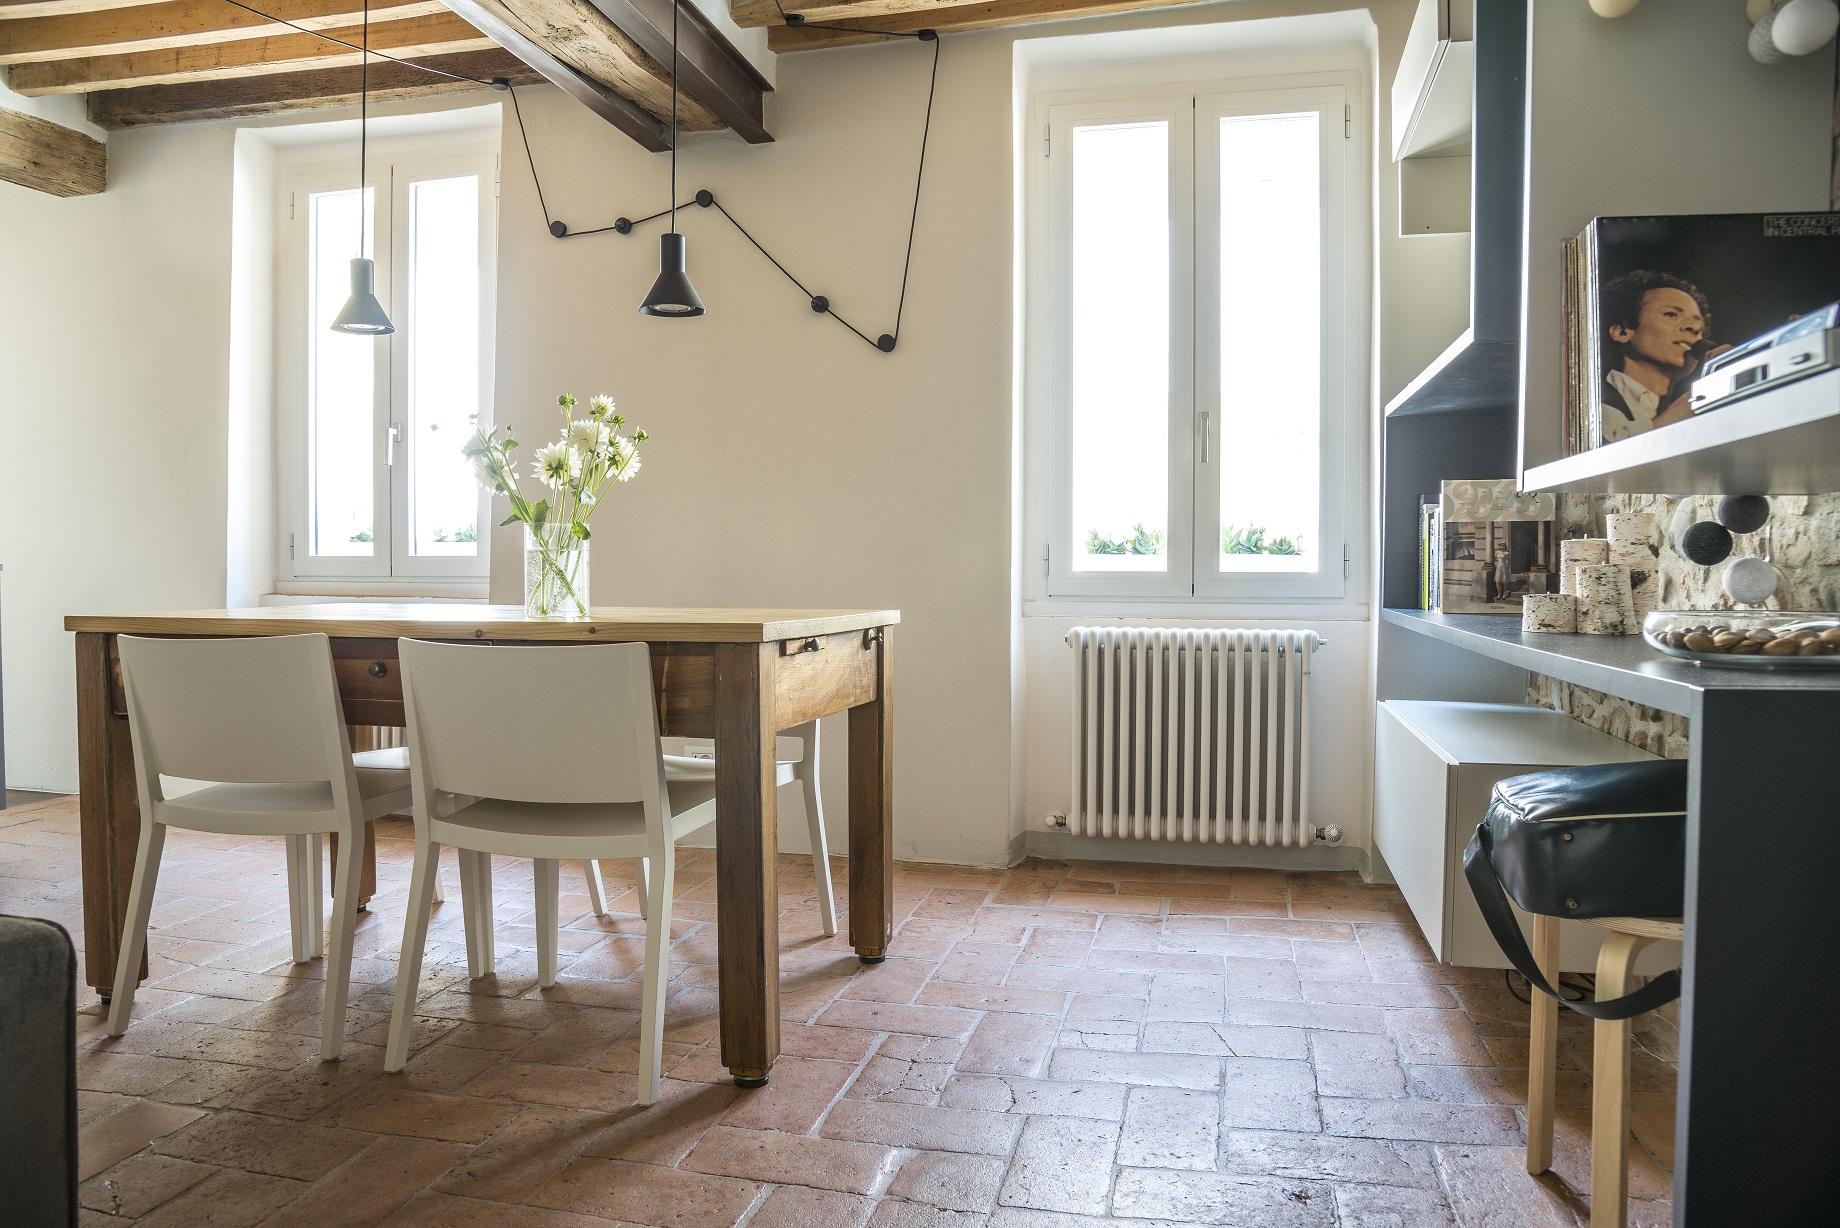 Cotto Einfach Zu Reinigen Und Dazu Noch Warm Und Wohnlich Anzuschaun